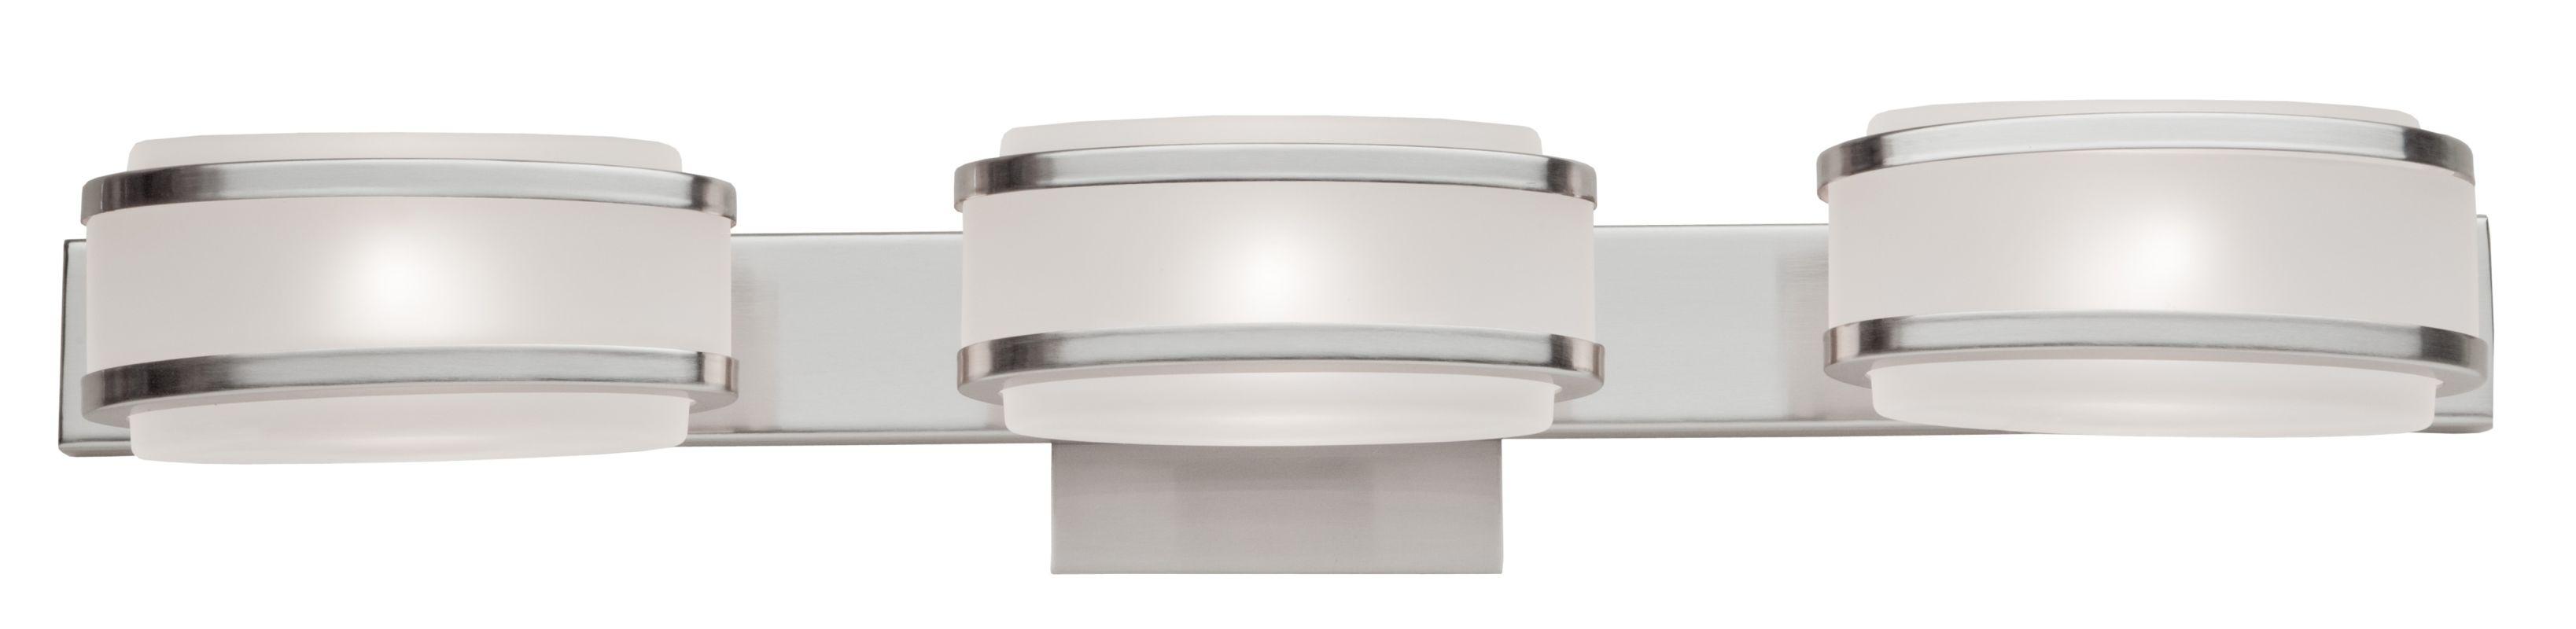 Artcraft Lighting Ac533bn Brushed Nickel Boulevard 3 Light Ada Compliant Bathroom Fixture